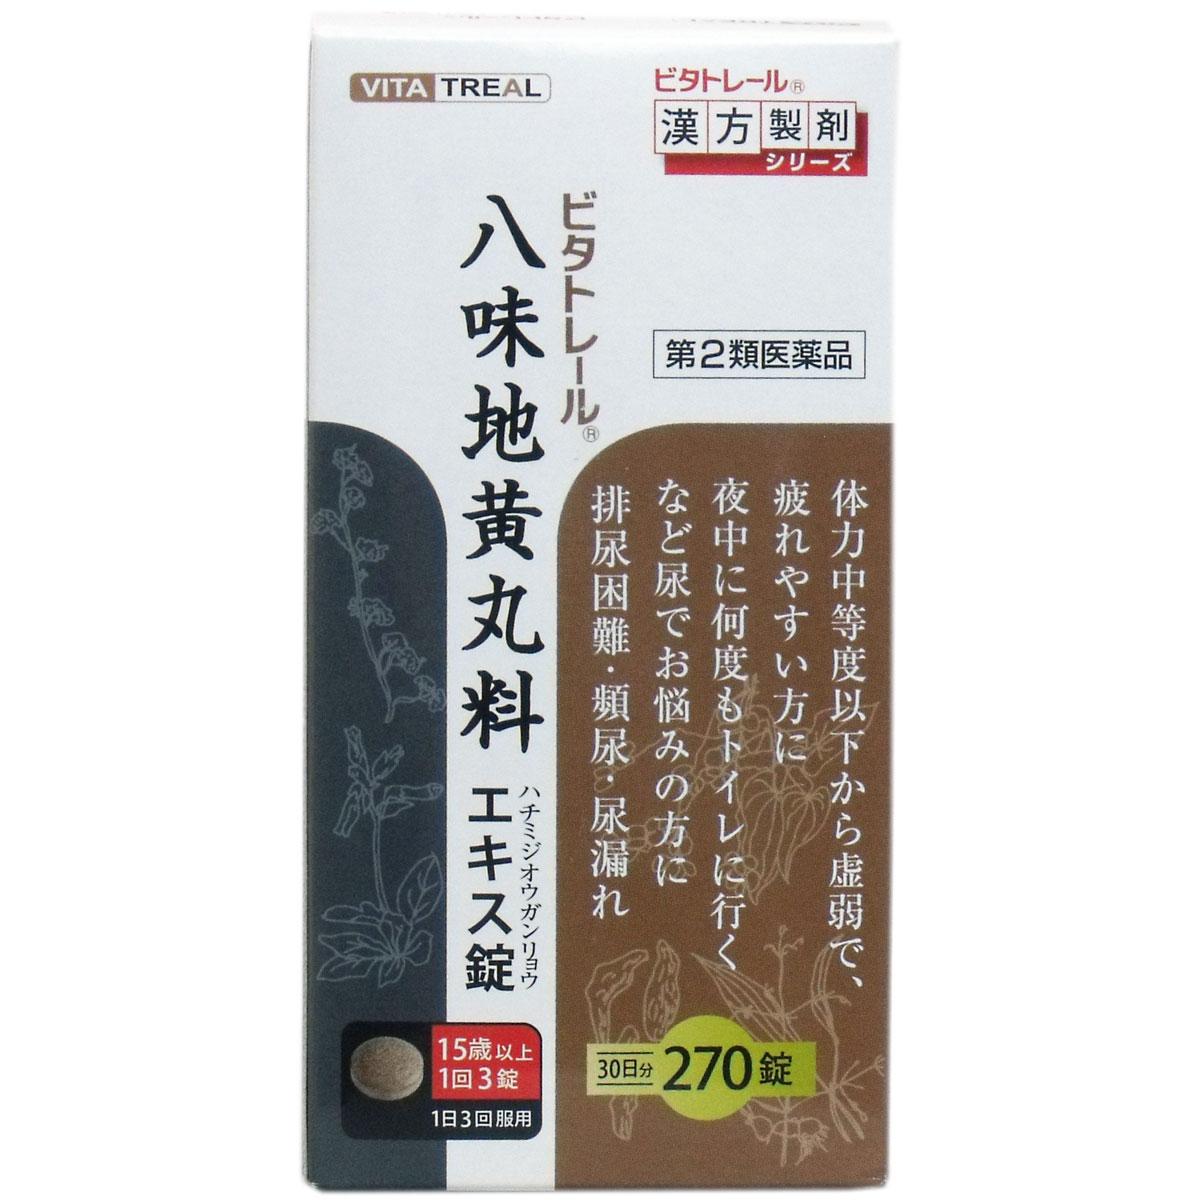 【第2類医薬品】 ビタトレール 八味地黄丸料 エキス錠 270錠